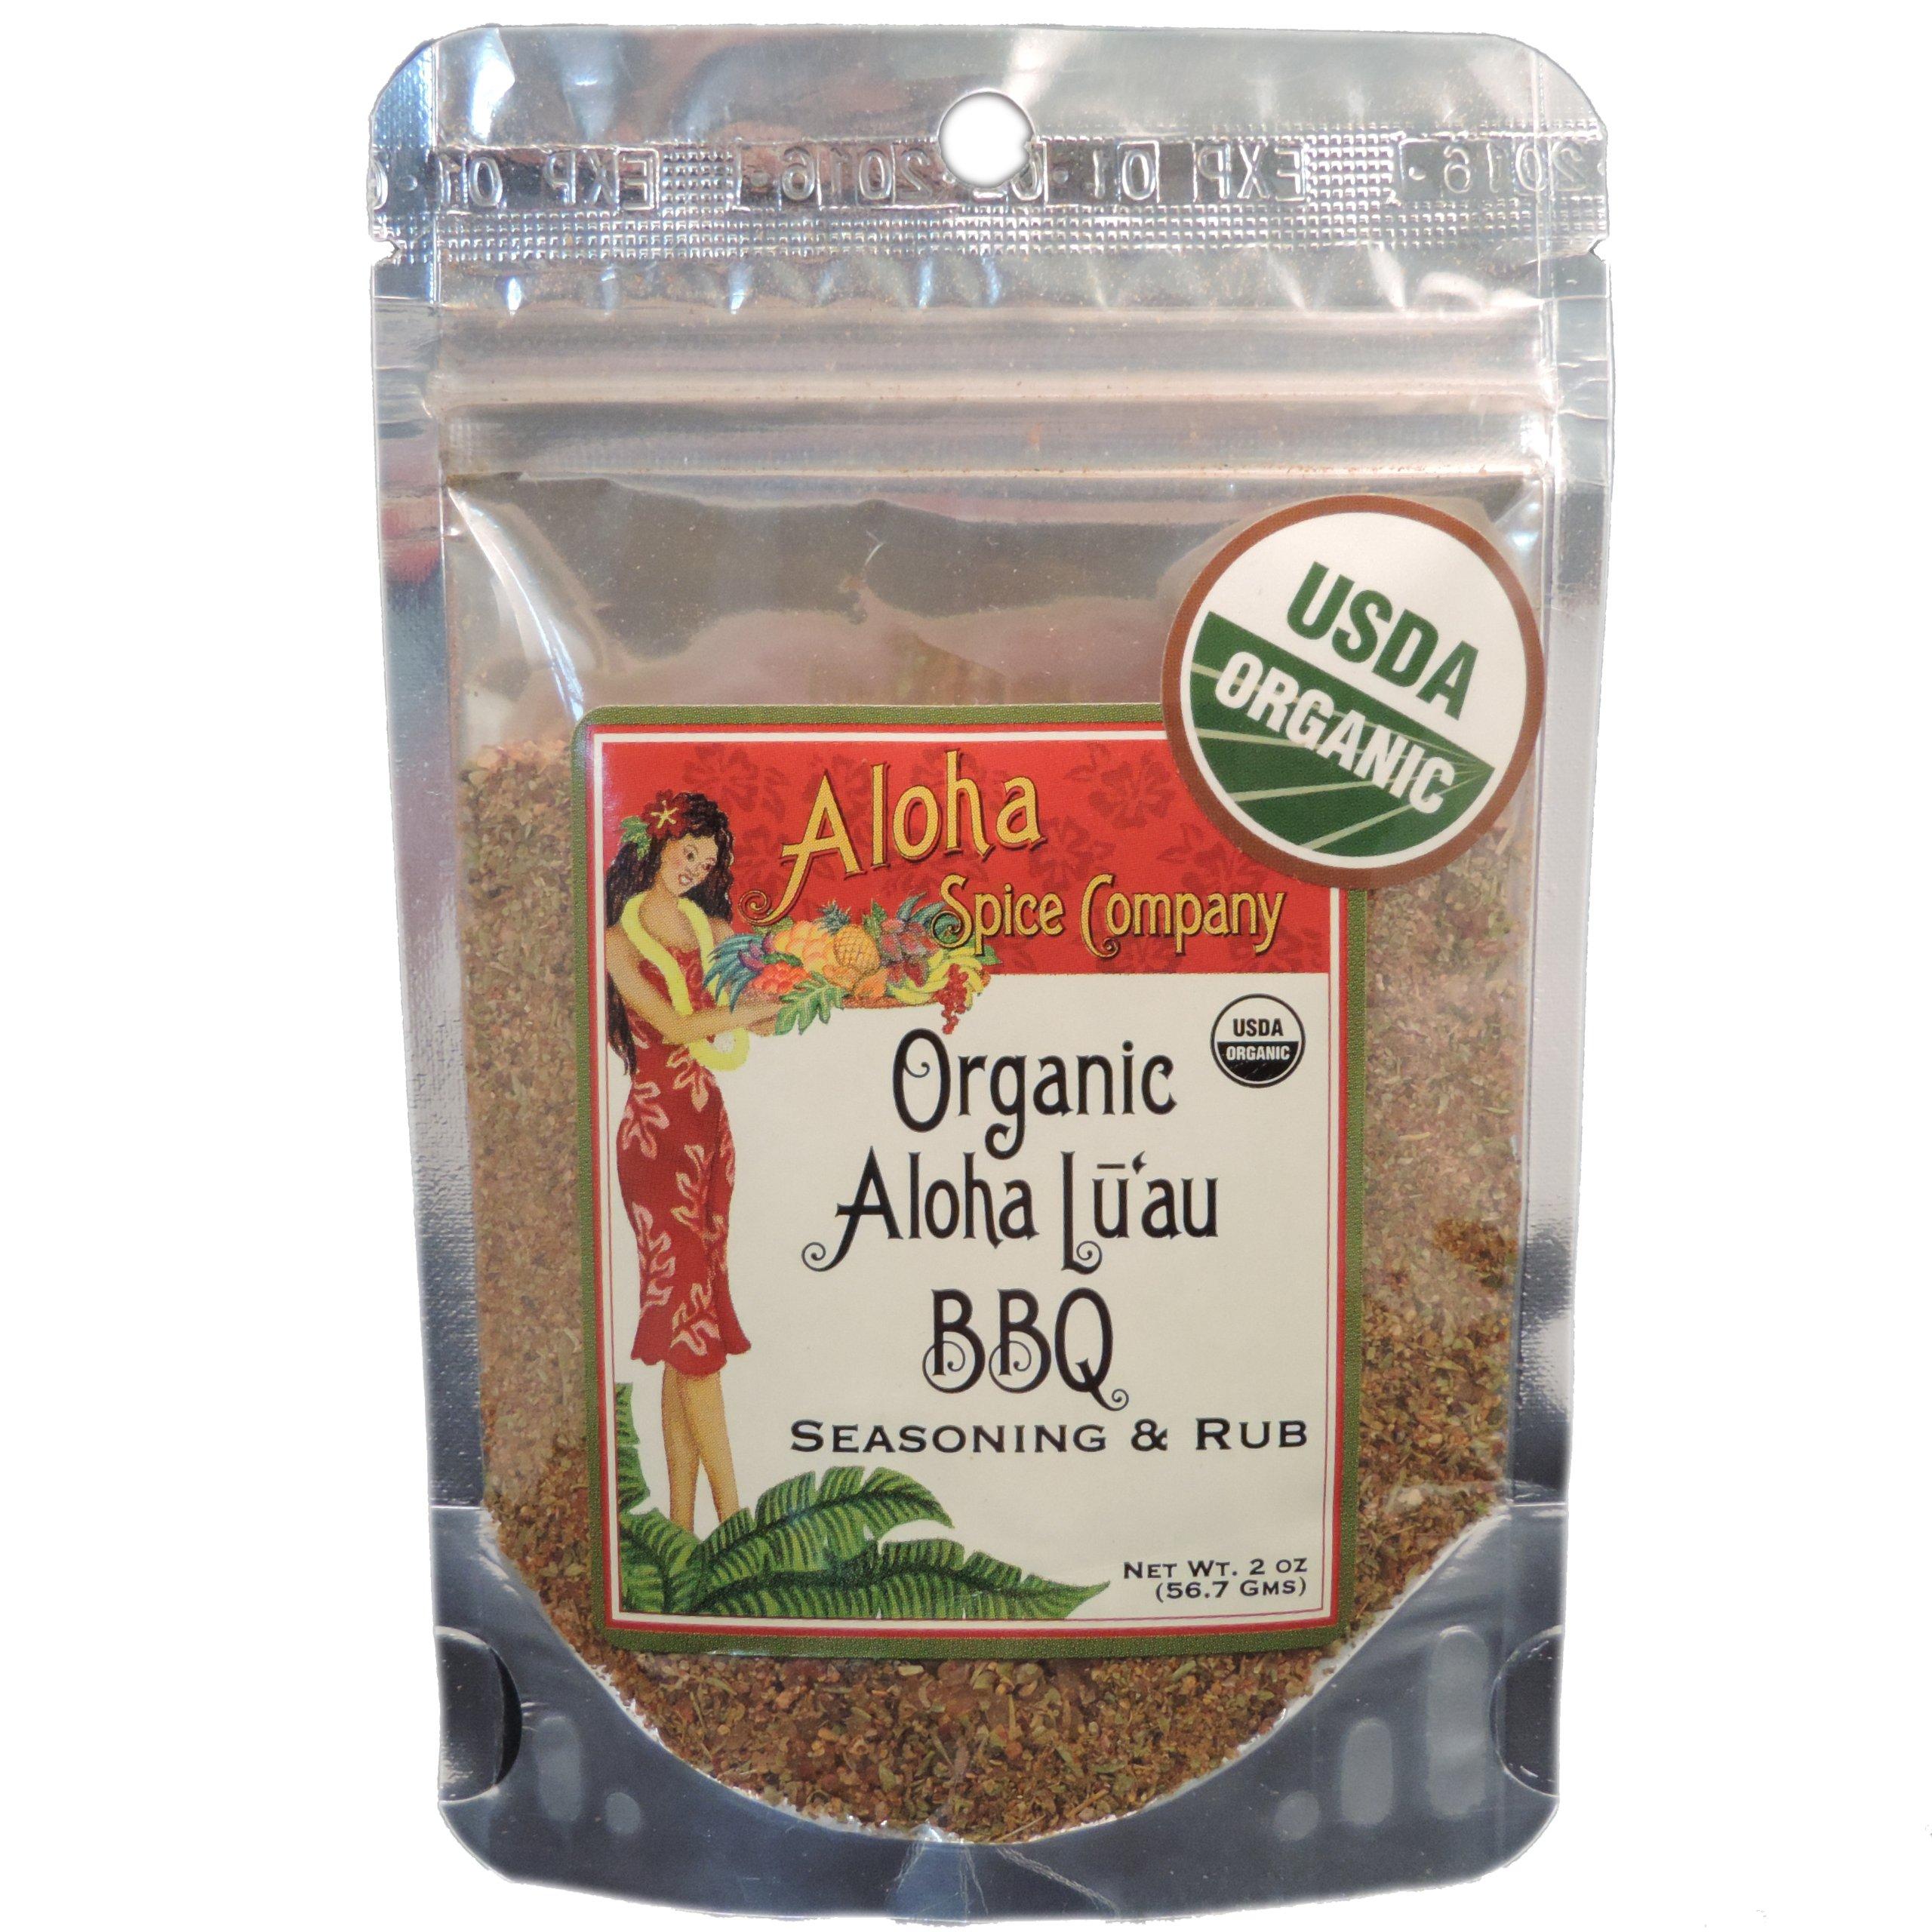 Organic Aloha Luau BBQ Seasoning & Rub (4 Pack)